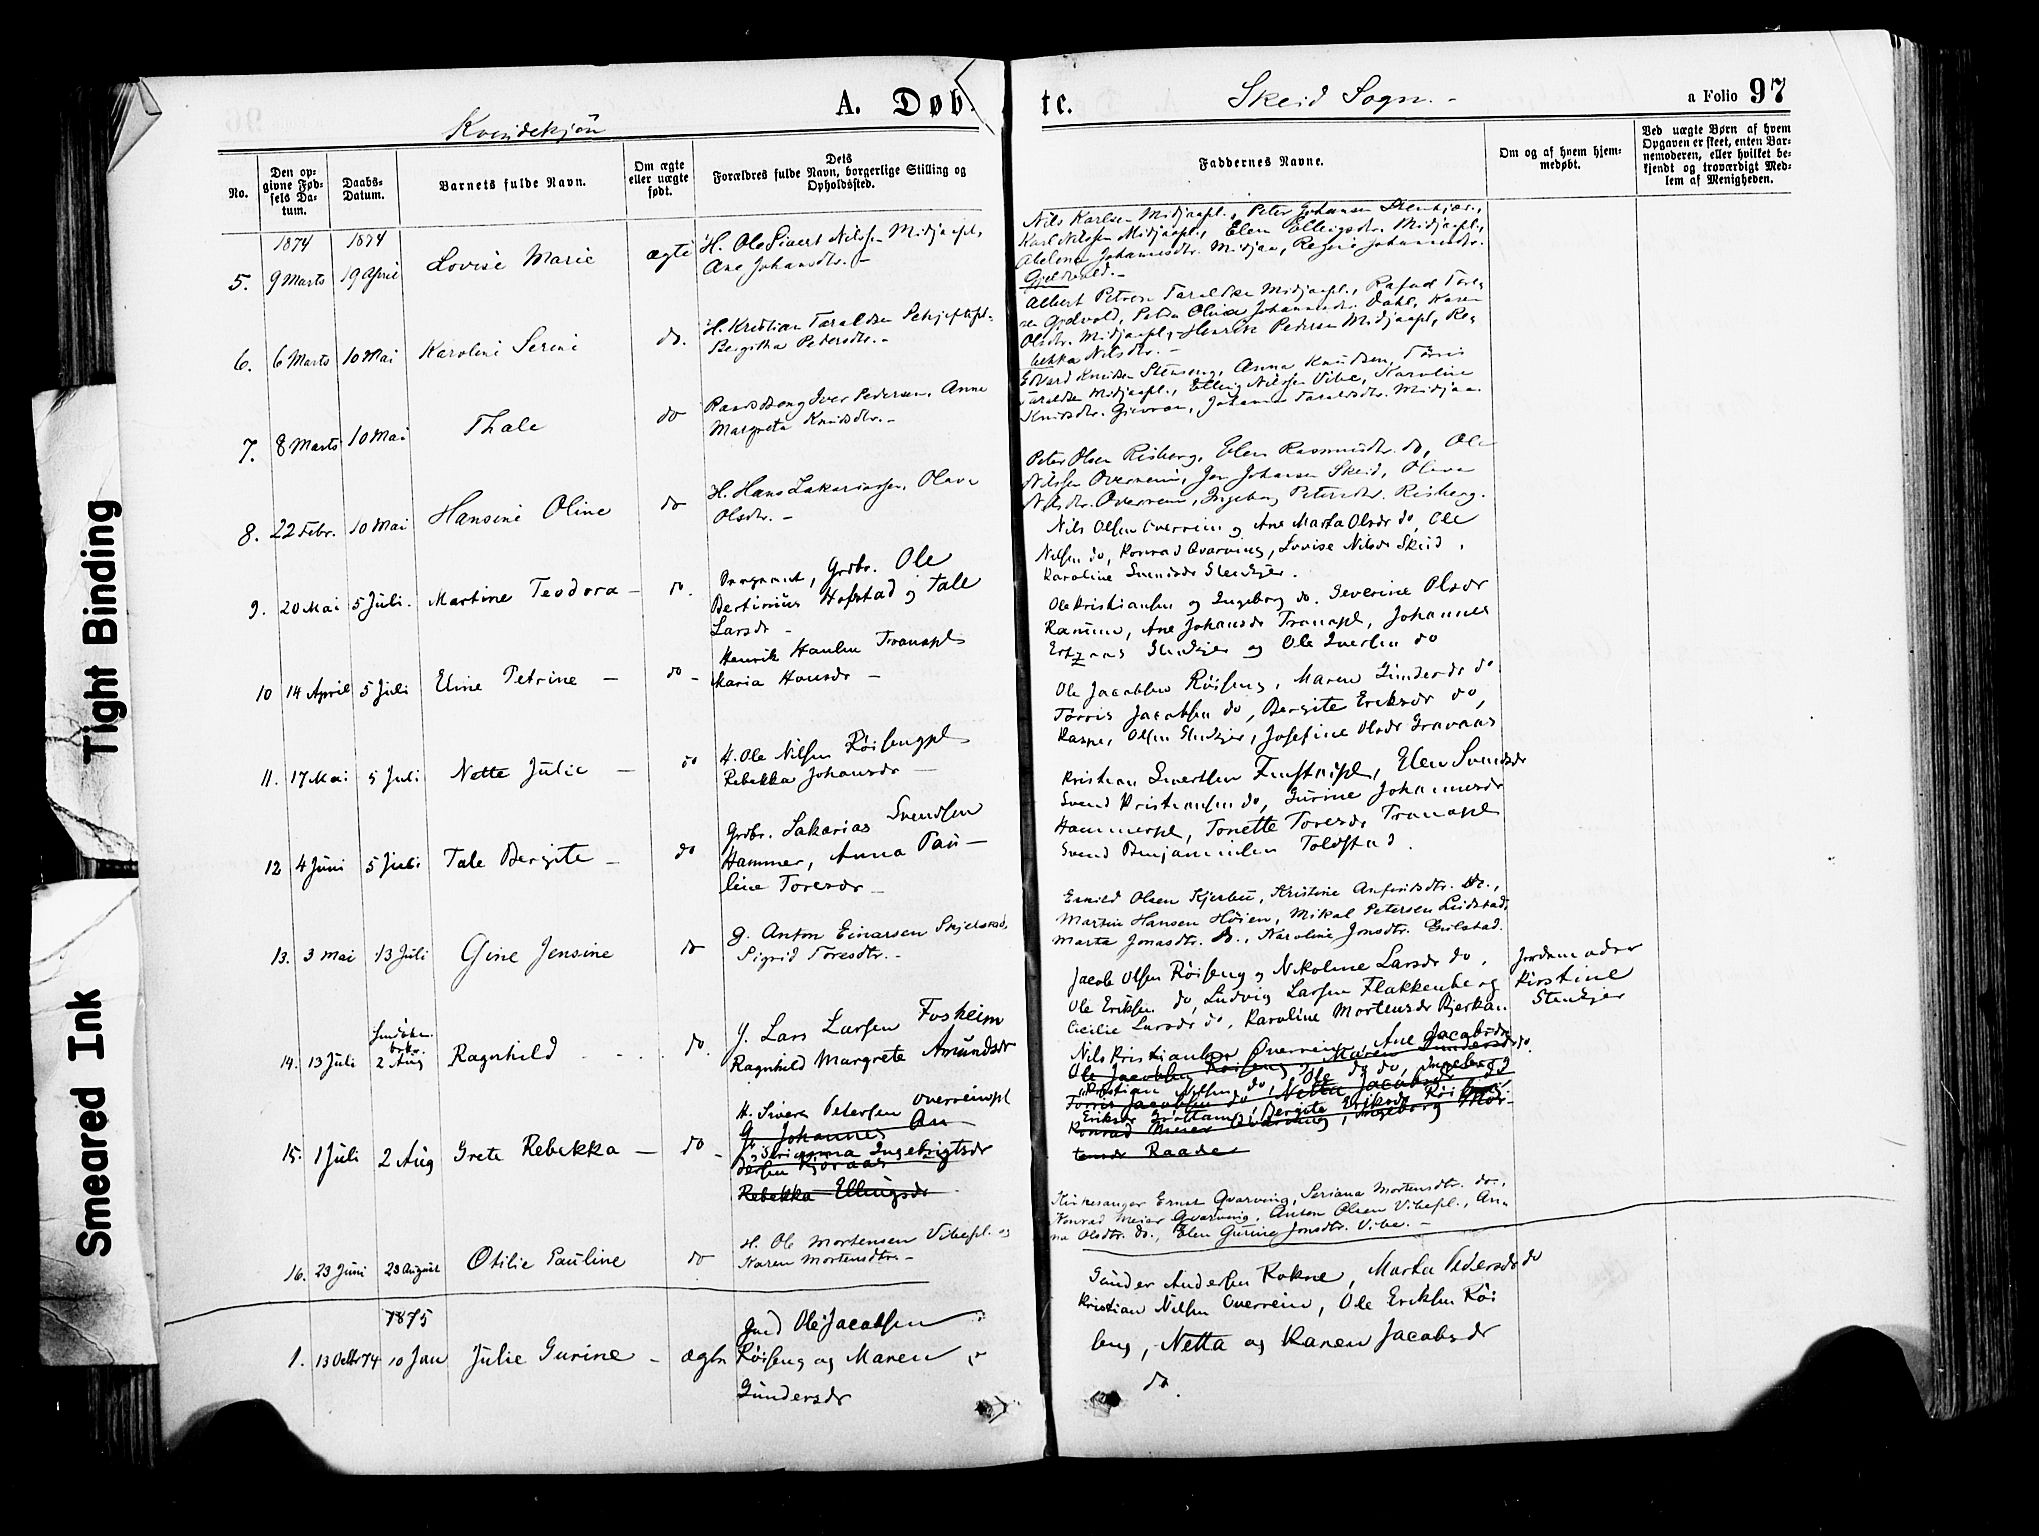 SAT, Ministerialprotokoller, klokkerbøker og fødselsregistre - Nord-Trøndelag, 735/L0348: Ministerialbok nr. 735A09 /2, 1873-1883, s. 97